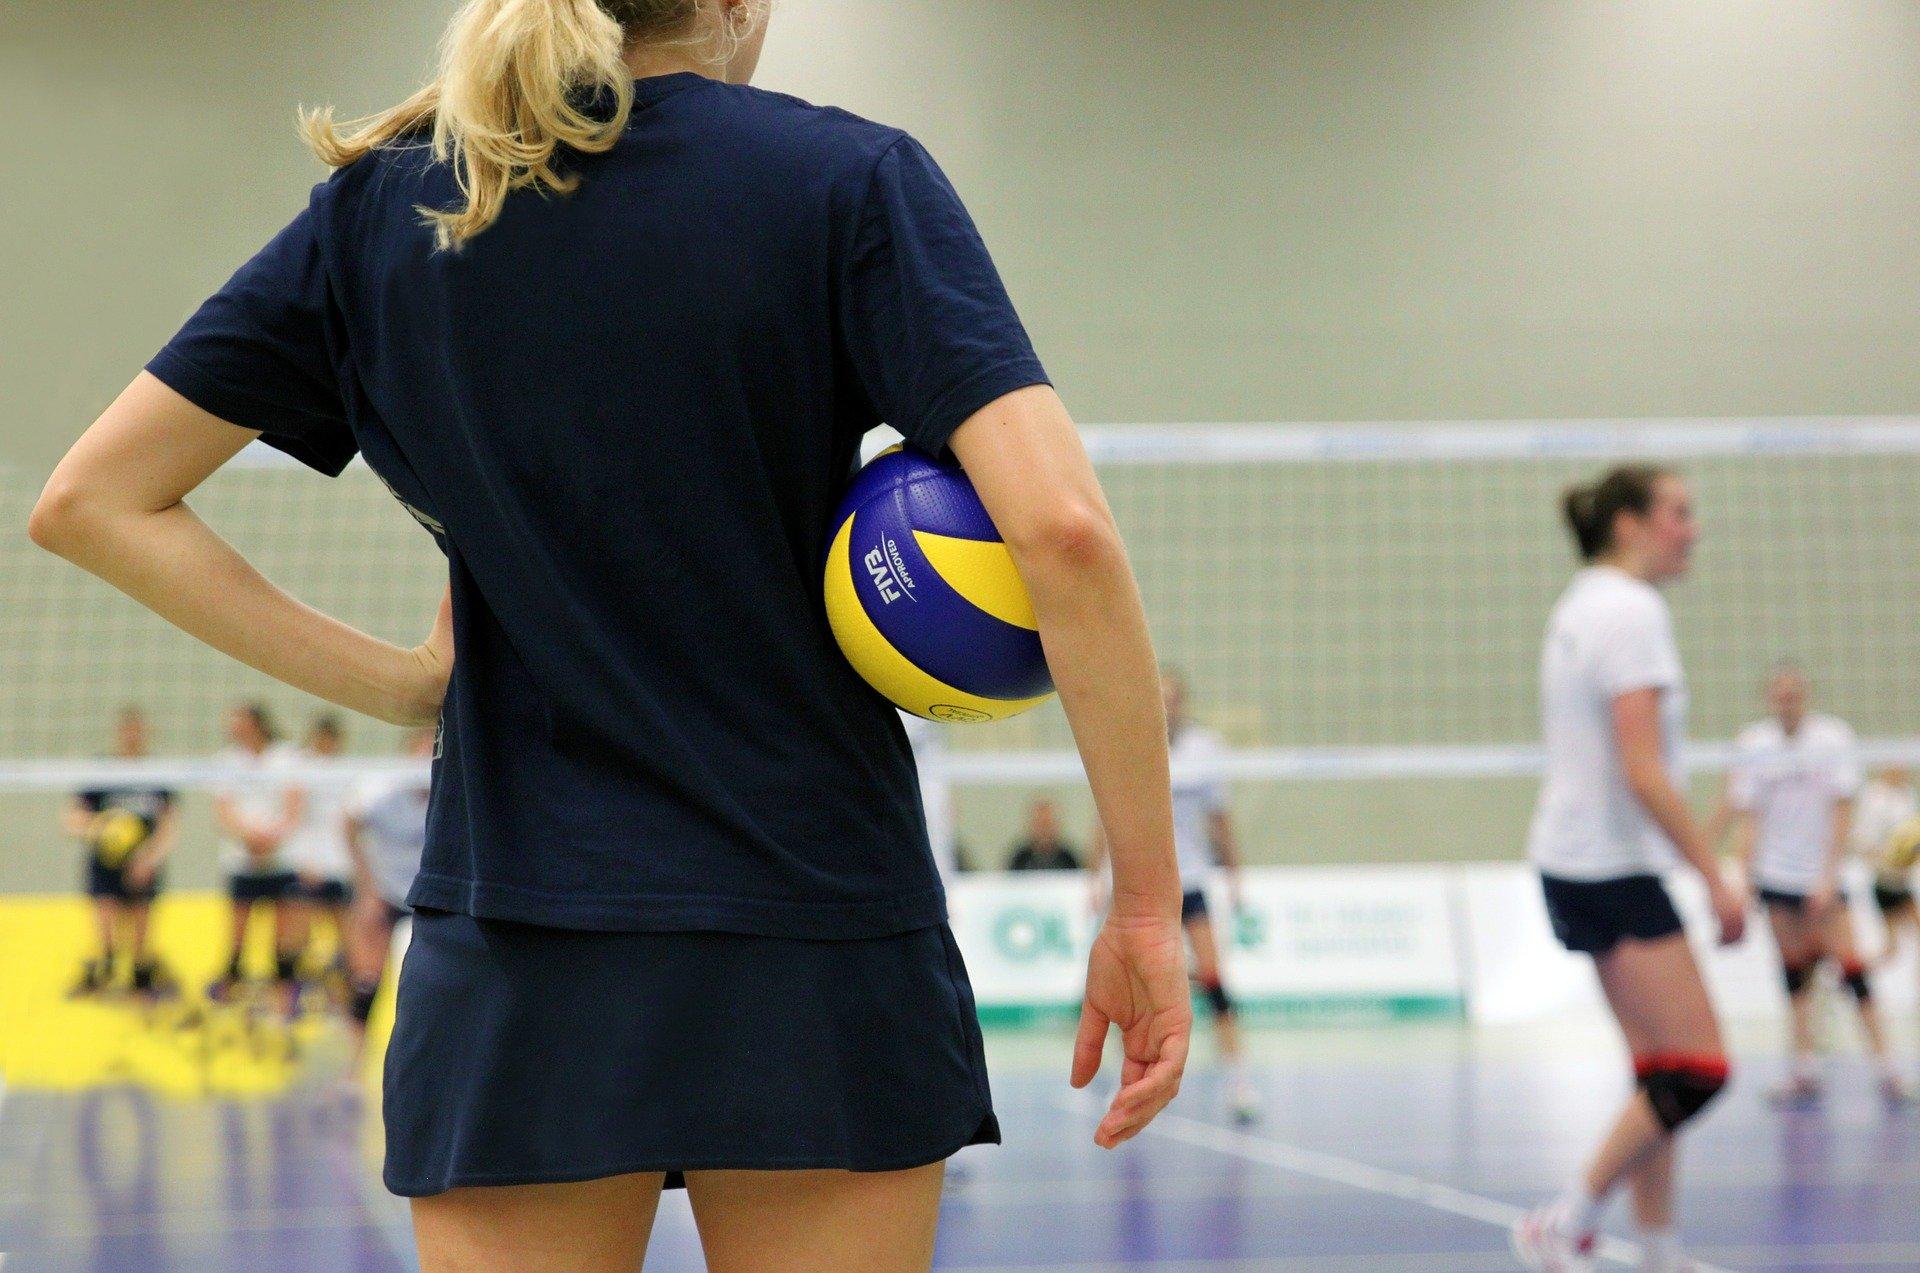 Na foto uma jogadora de vôlei com uma bola embaixo do braço.